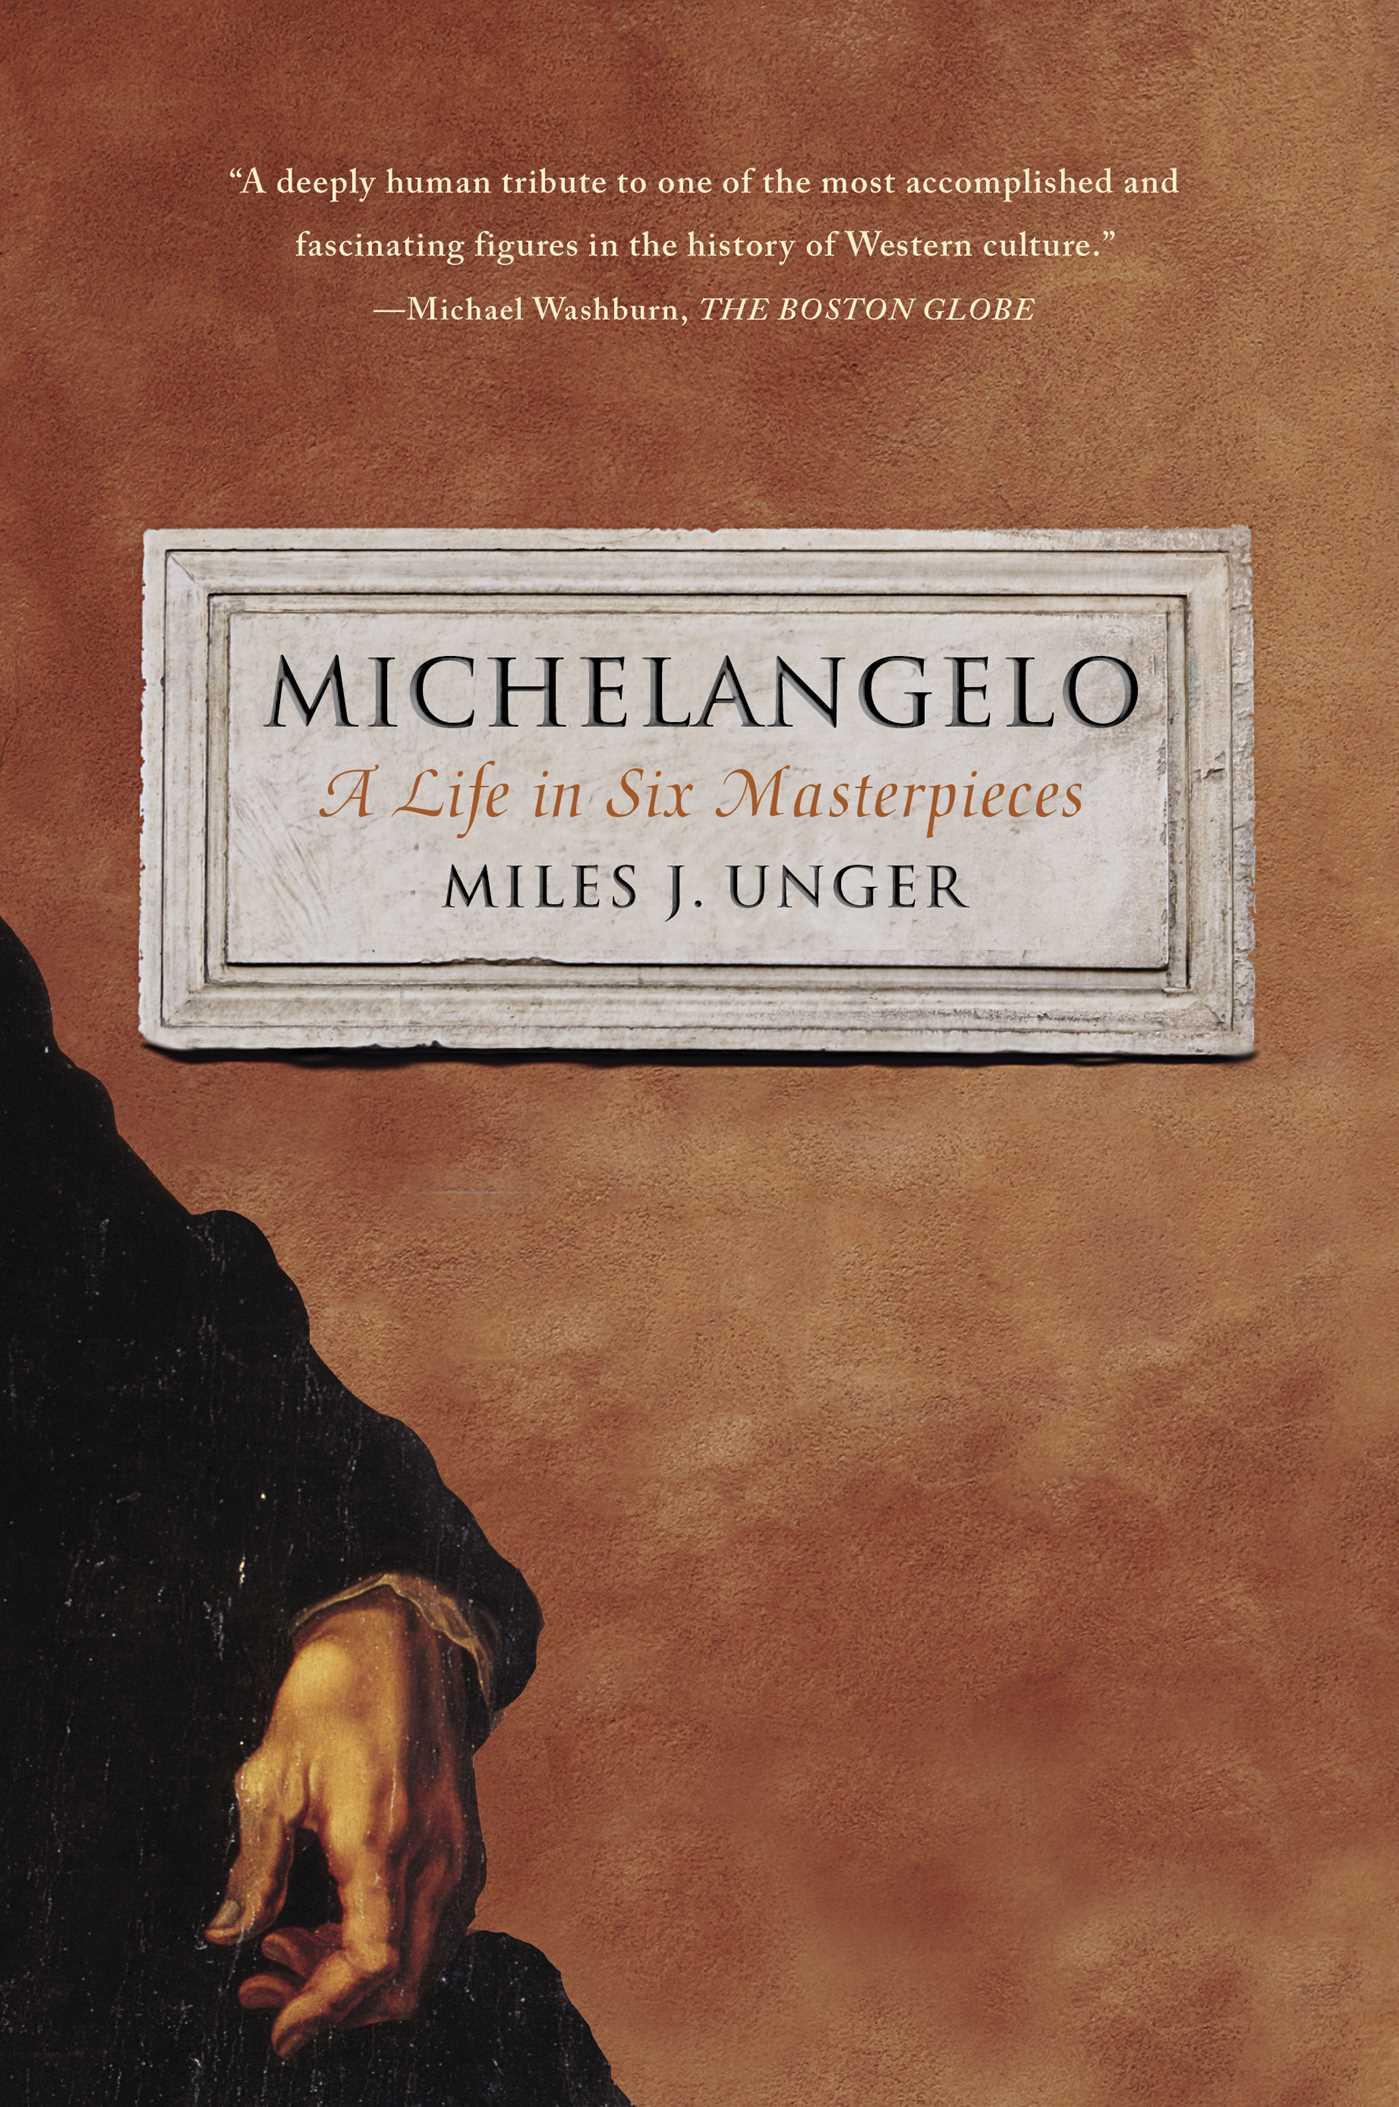 Michelangelo 9781451678789 hr